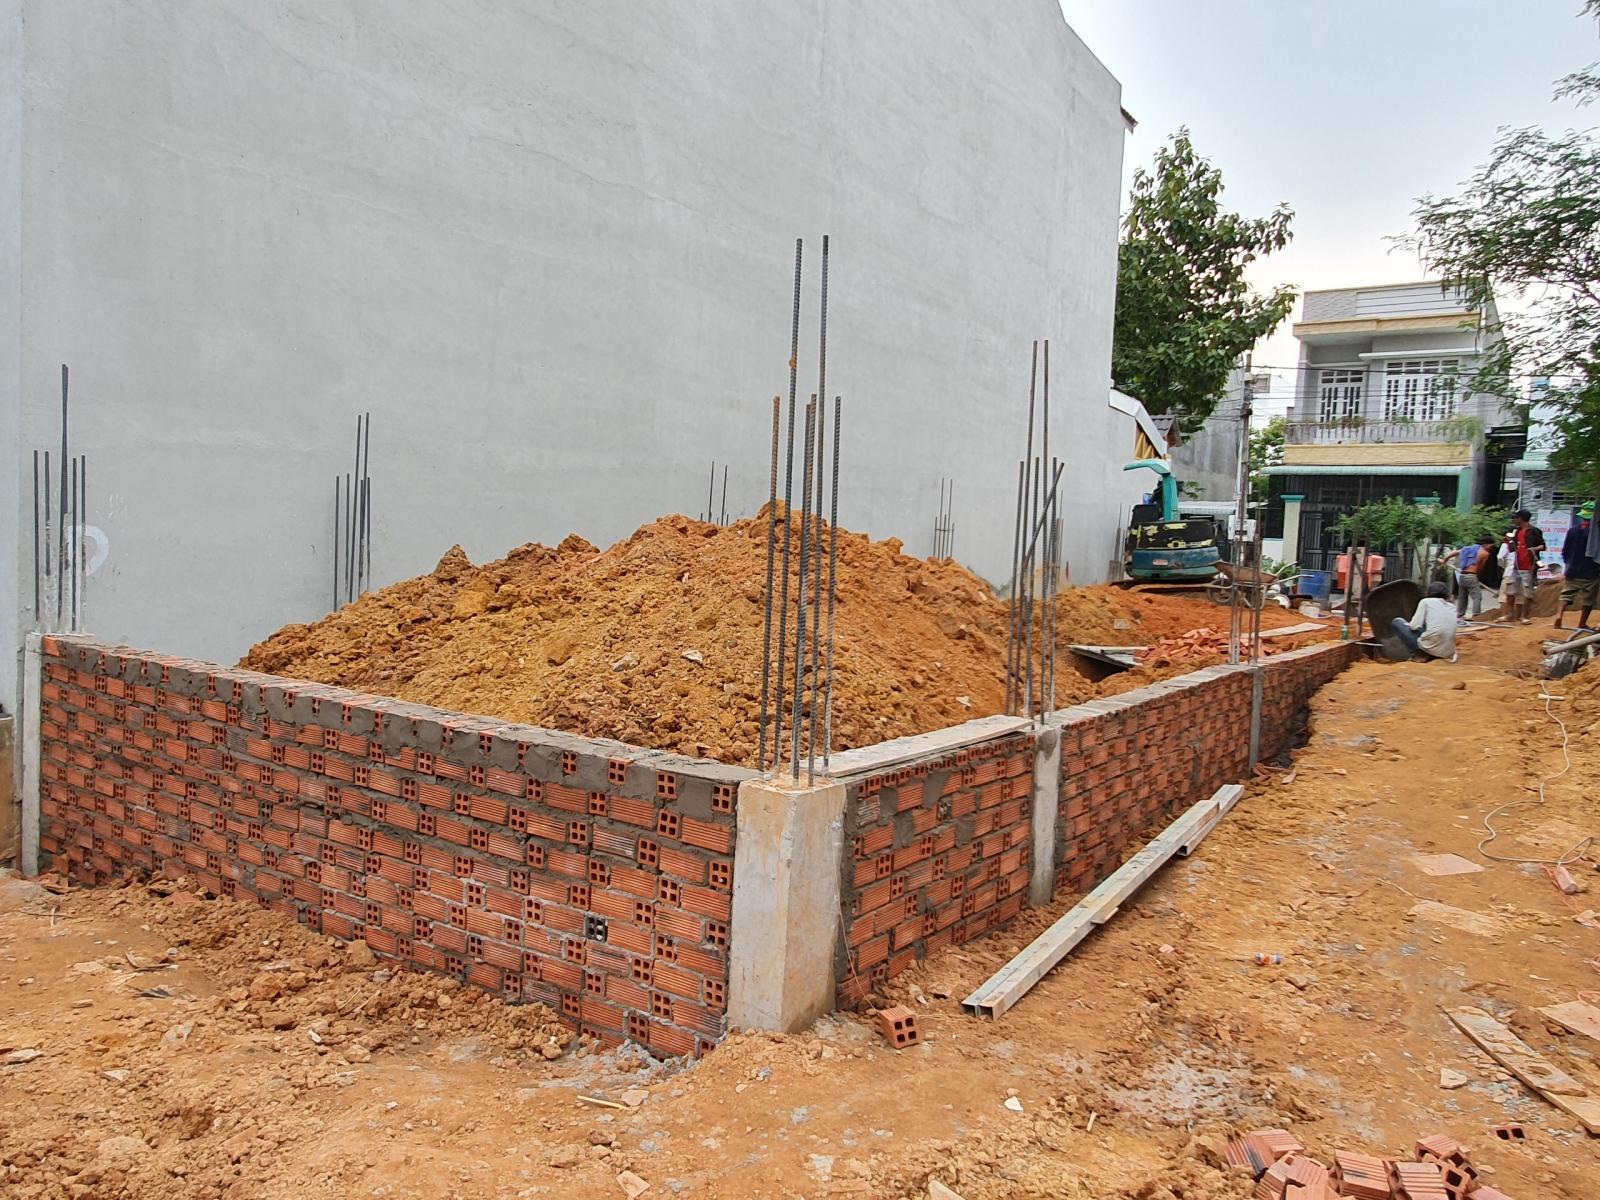 Tiến hành xây hố móng